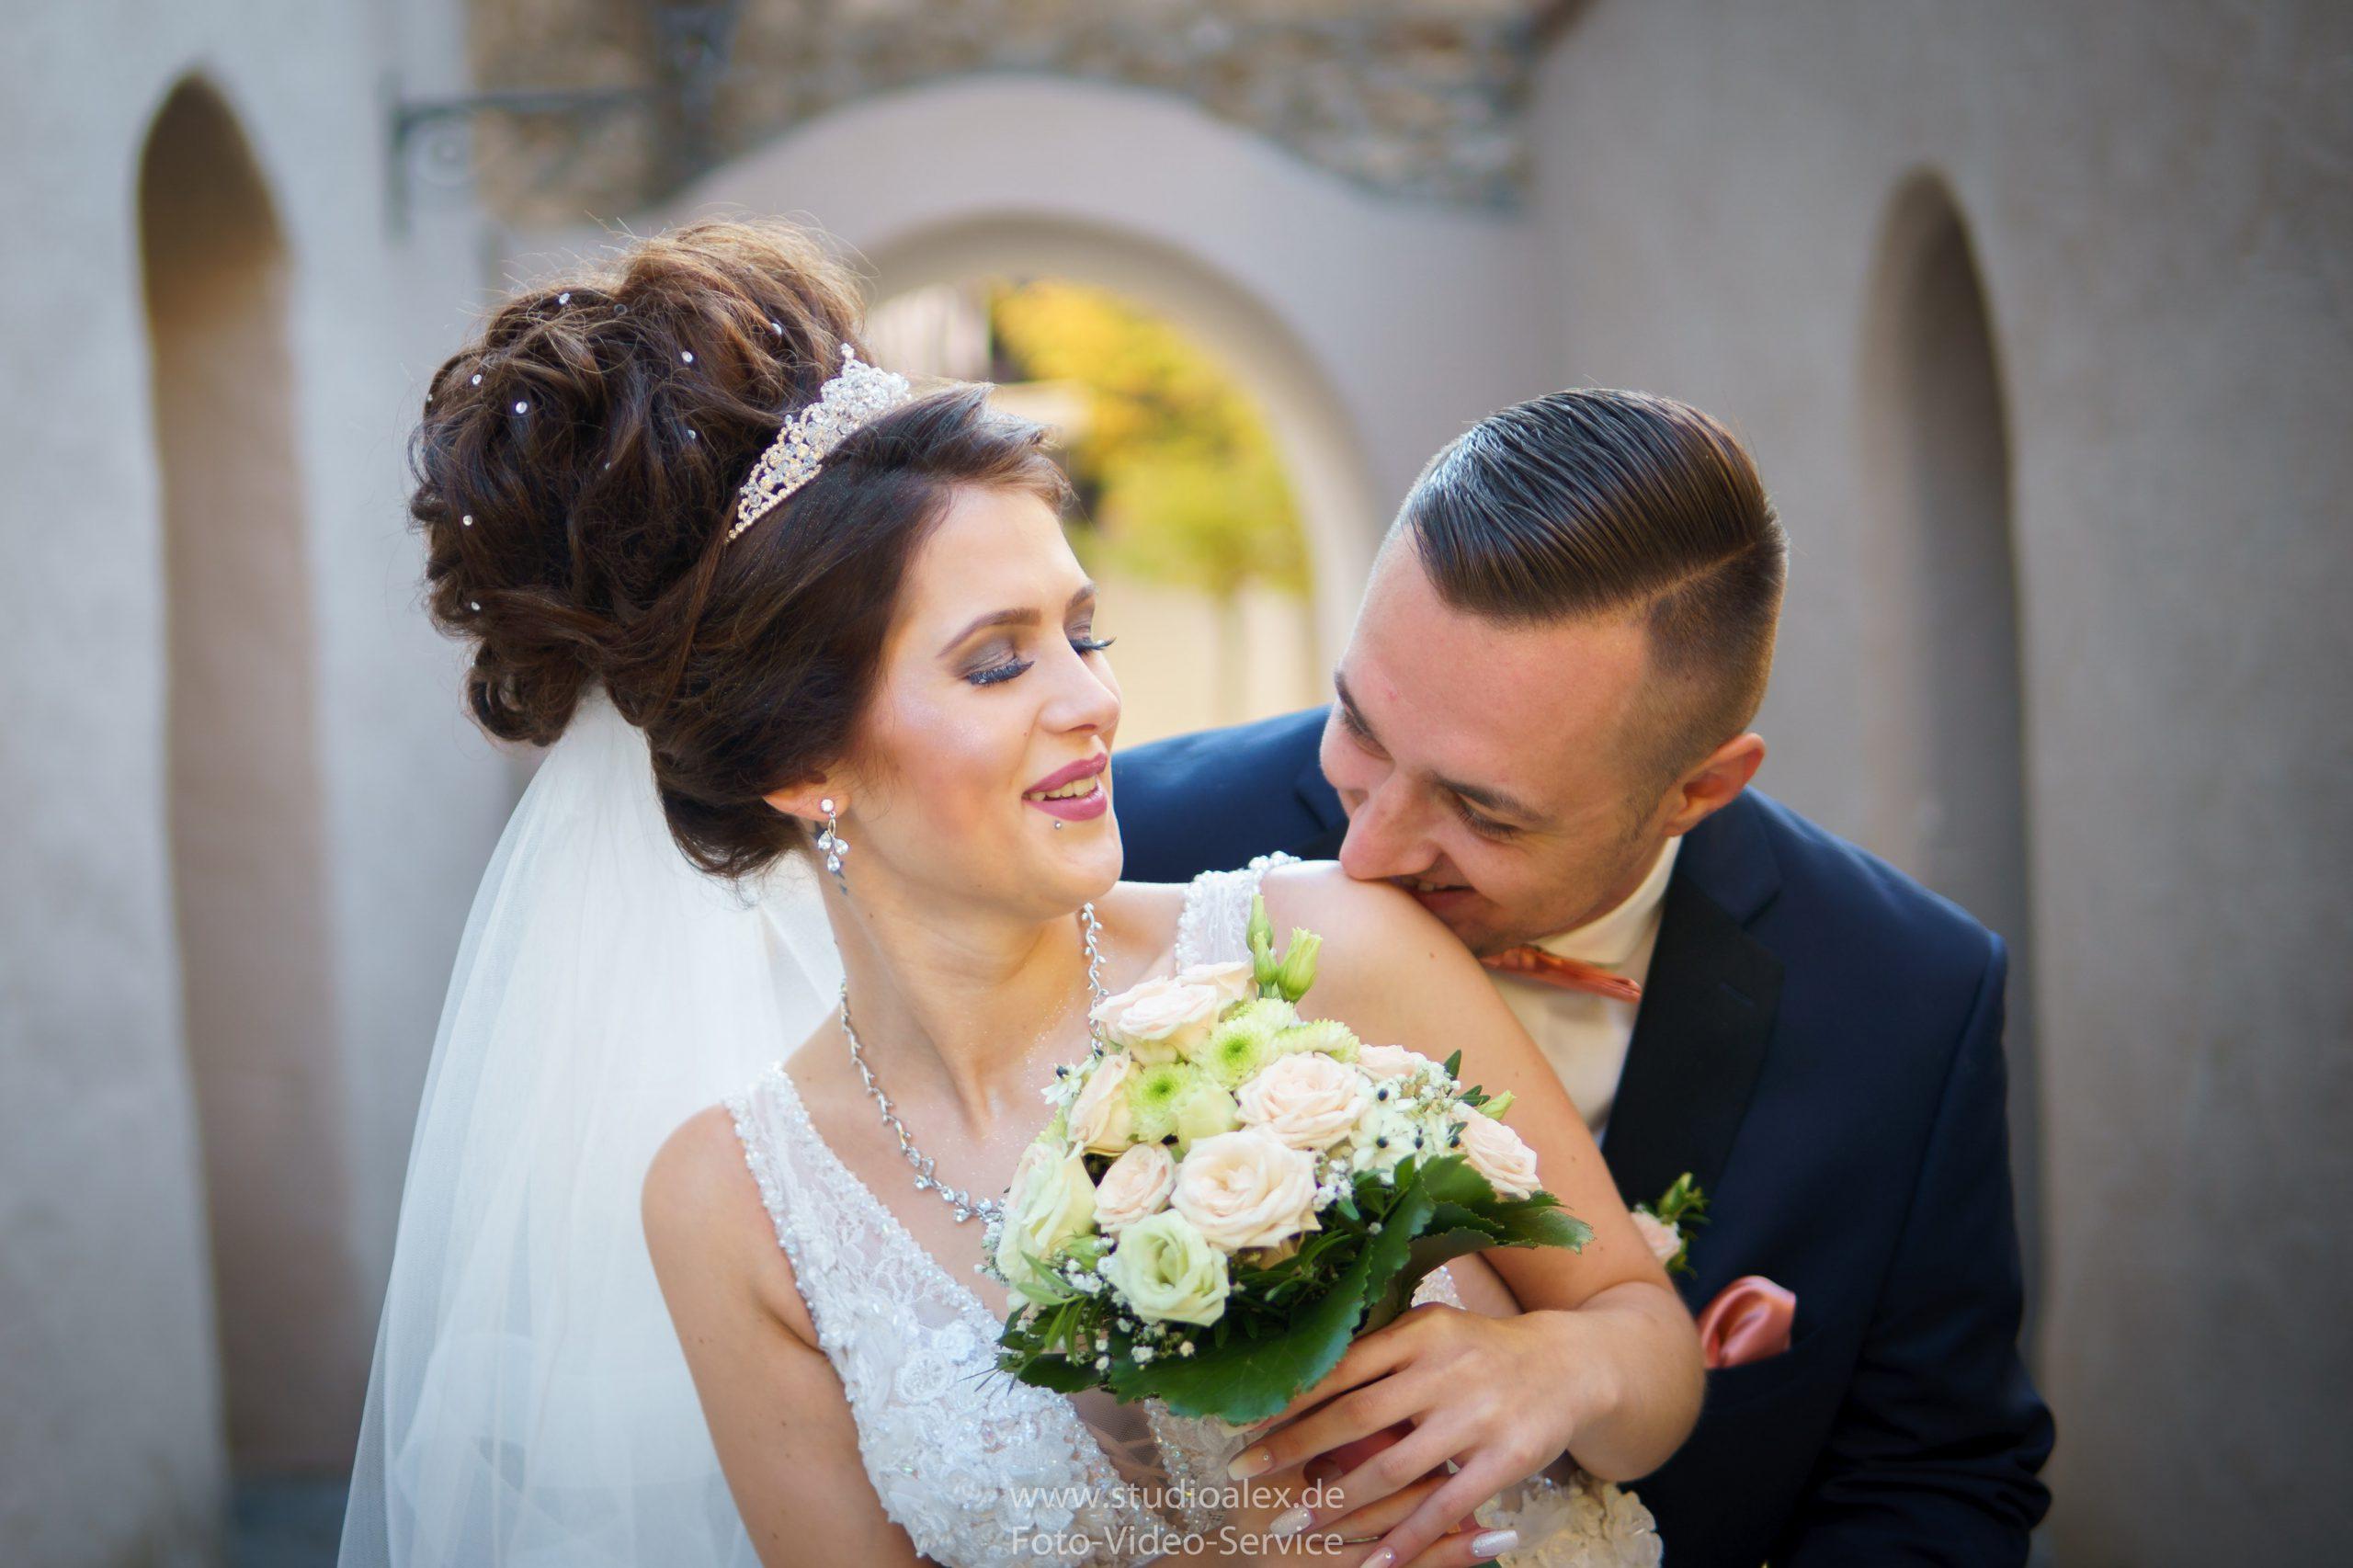 Hochzeitsfotograf-Amberg-Hochzeitsfotografie-Amberg-Hochzeitsfotos-Amberg-Hochzeitsbilder-Amberg-Fotograf-Hochzeit-Amberg-06262-scaled.jpg